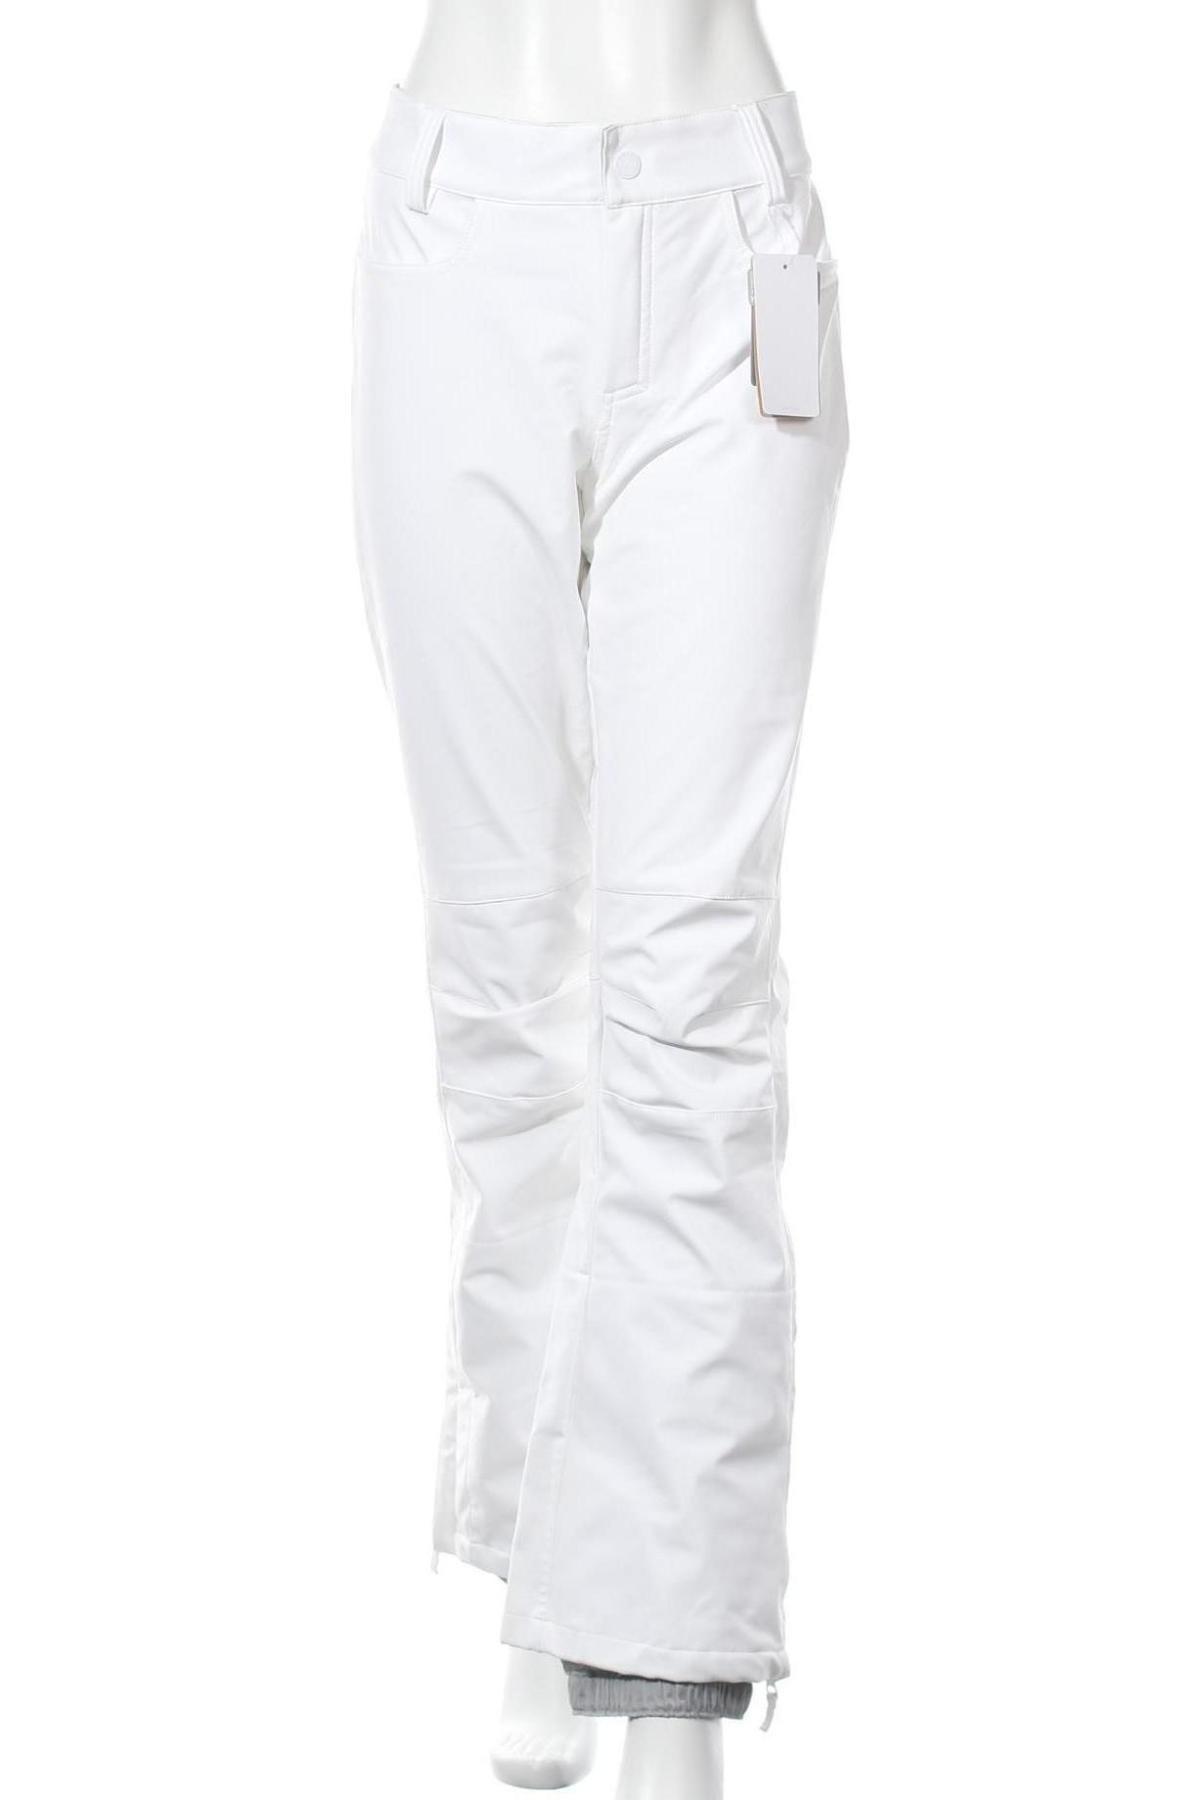 Дамски панталон за зимни спортове Roxy, Размер L, Цвят Бял, 89% полиестер, 11% еластан, Цена 47,25лв.